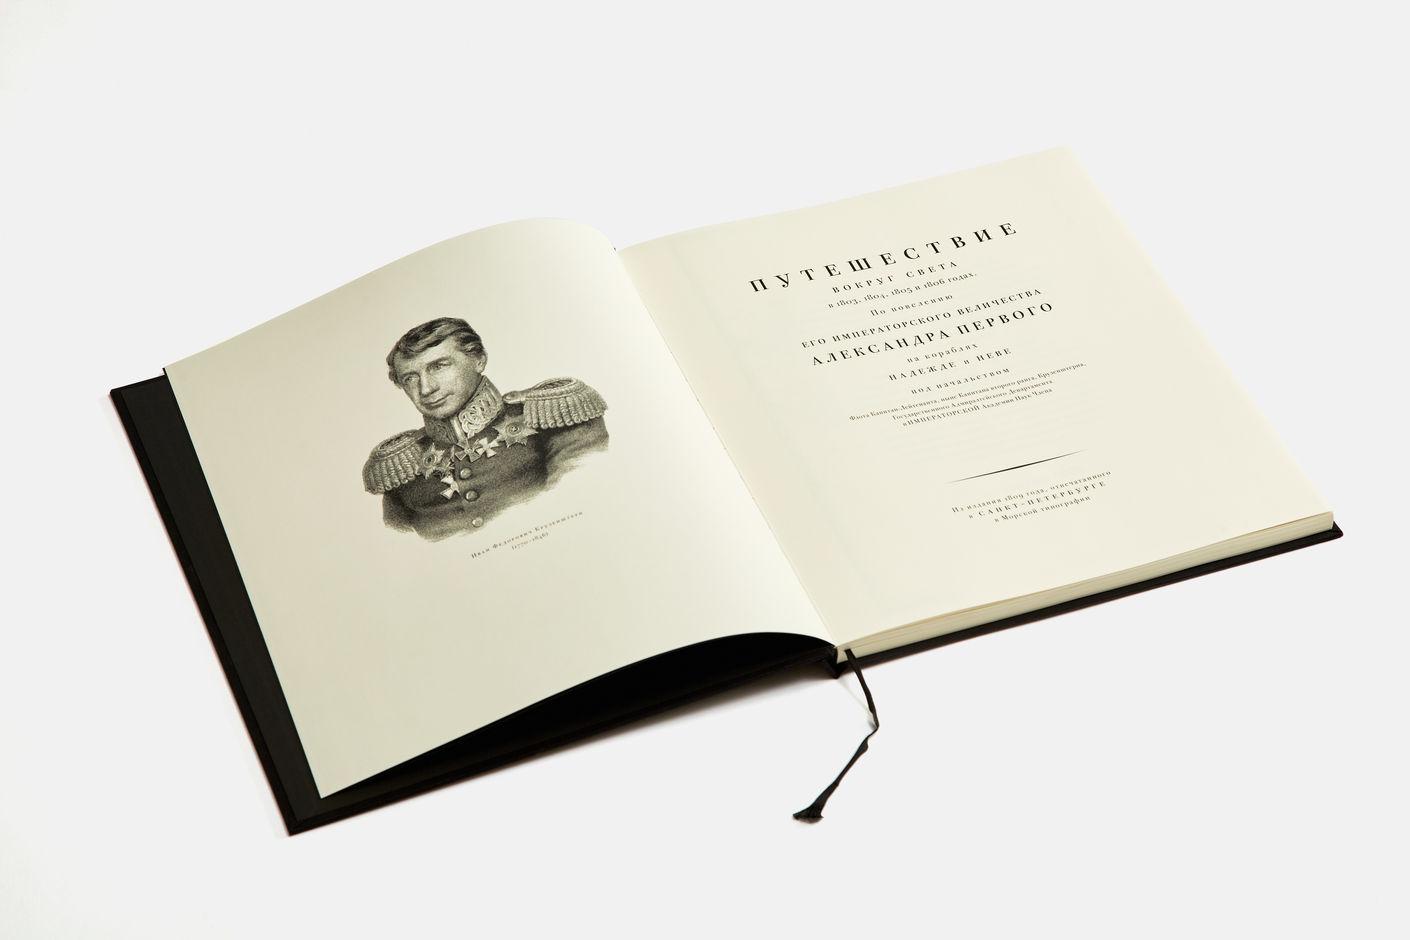 Подарочная книга Путешествие вокруг света в 1803-1806 годах, 2016, Агей Томеш, Лаборатория дизайна НИУ ВШЭ